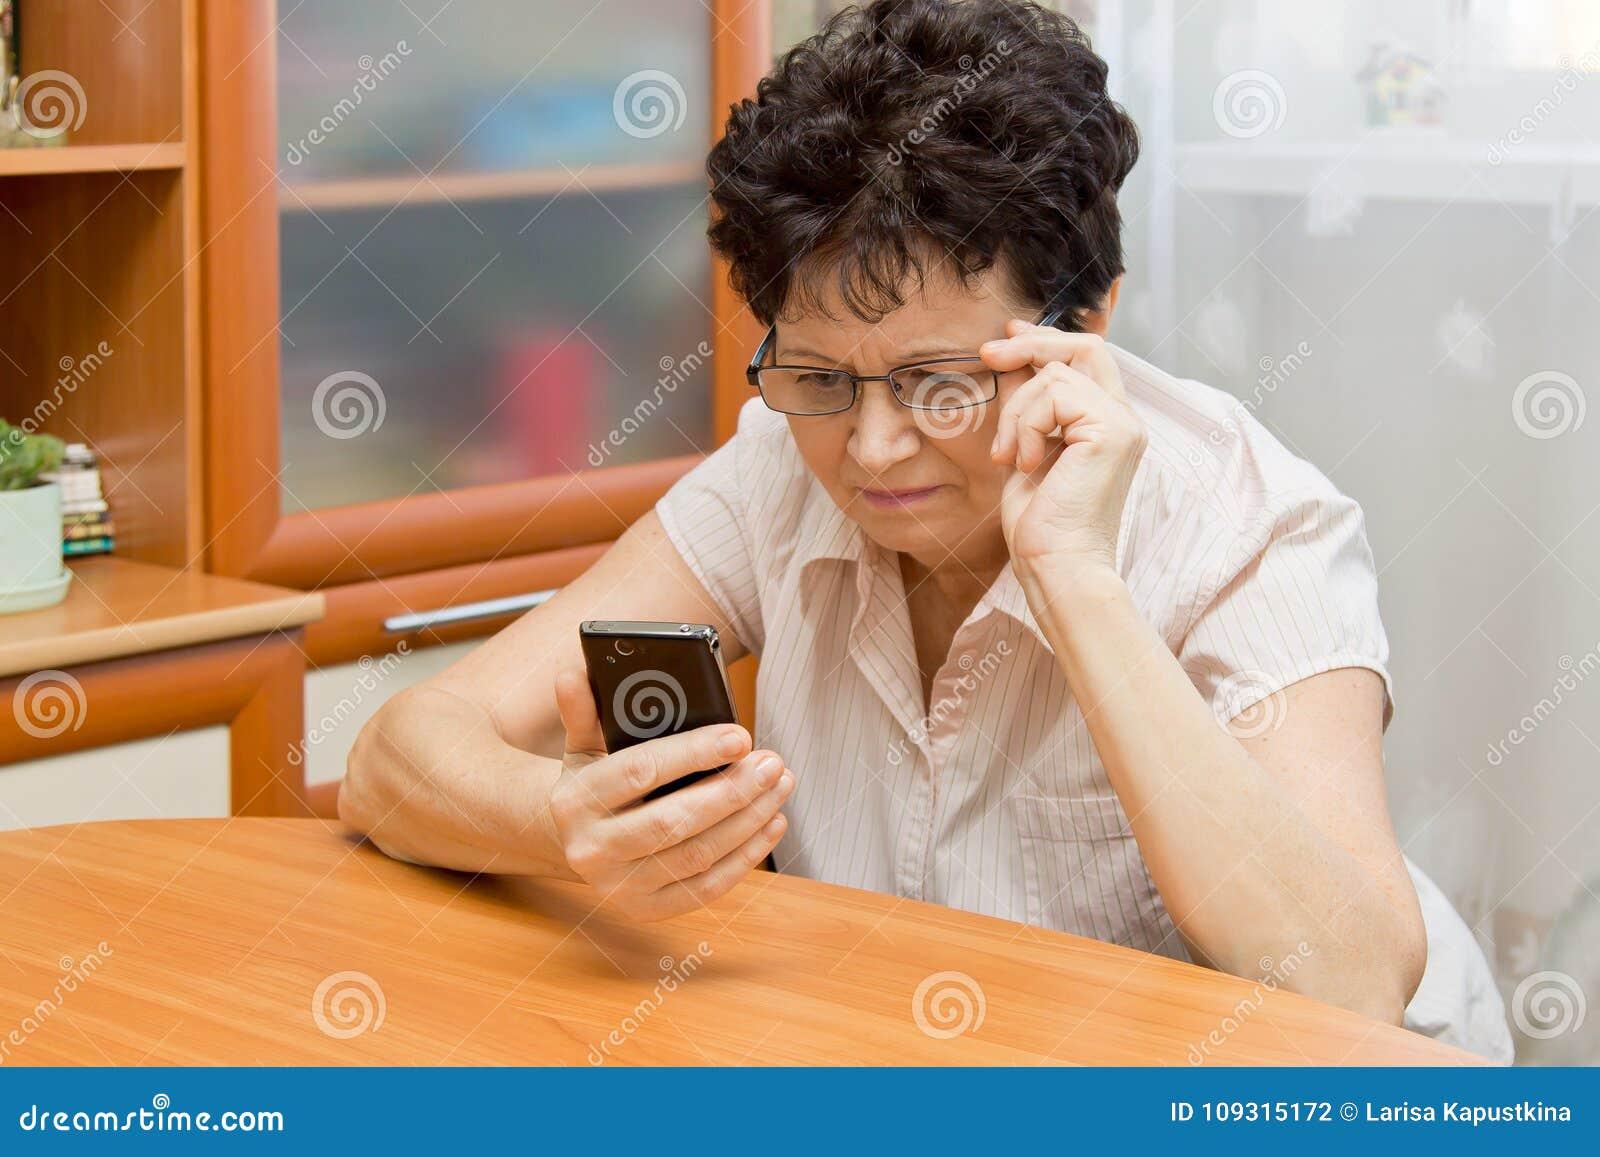 Mujer mayor que mira de cerca la pantalla del teléfono, intentando ver qué se escribe allí